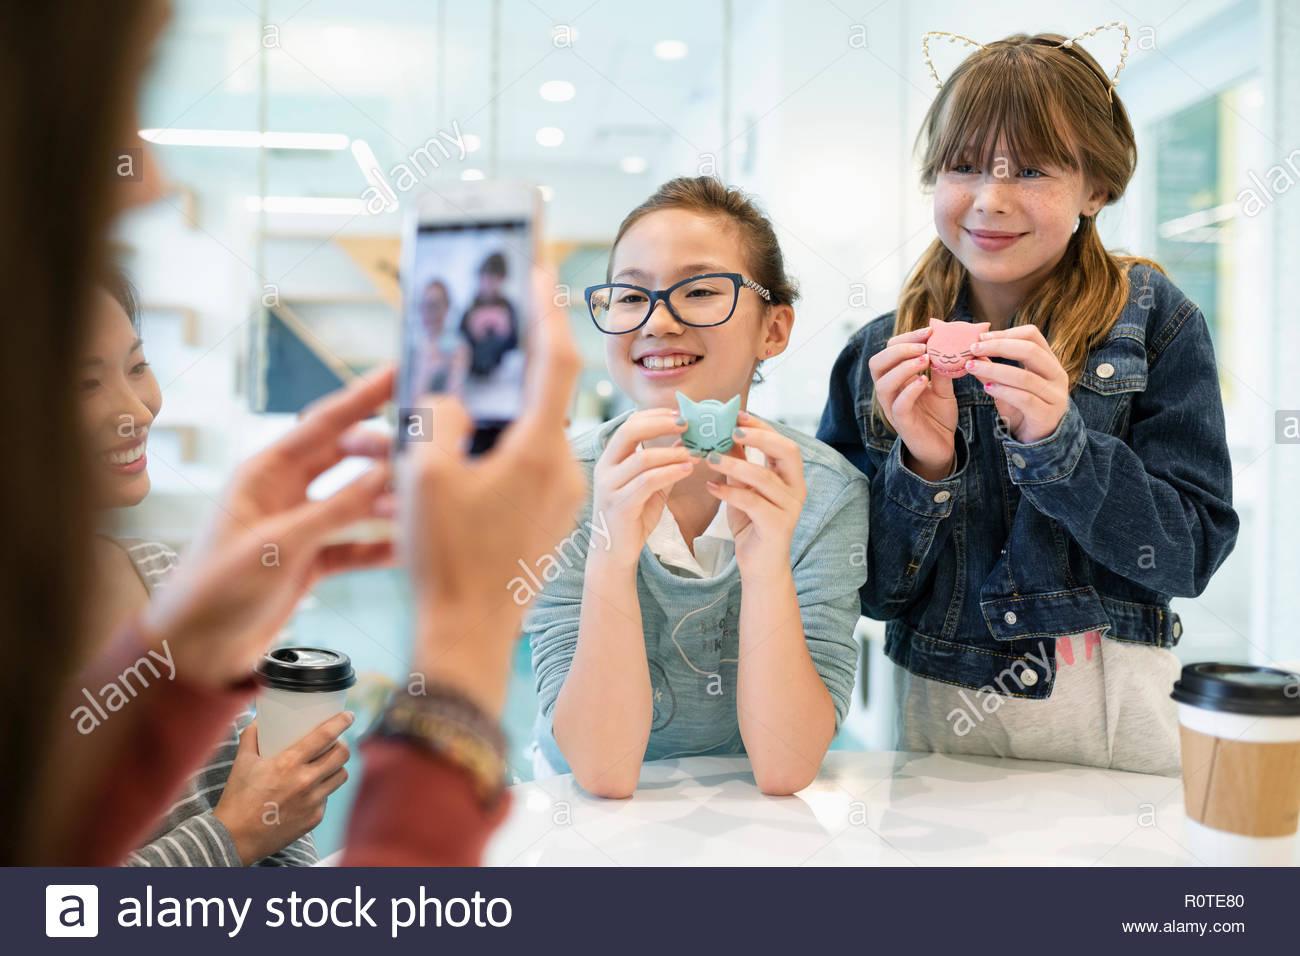 Le ragazze che posano per una fotografia con un gattino i cookie in cat cafe Immagini Stock